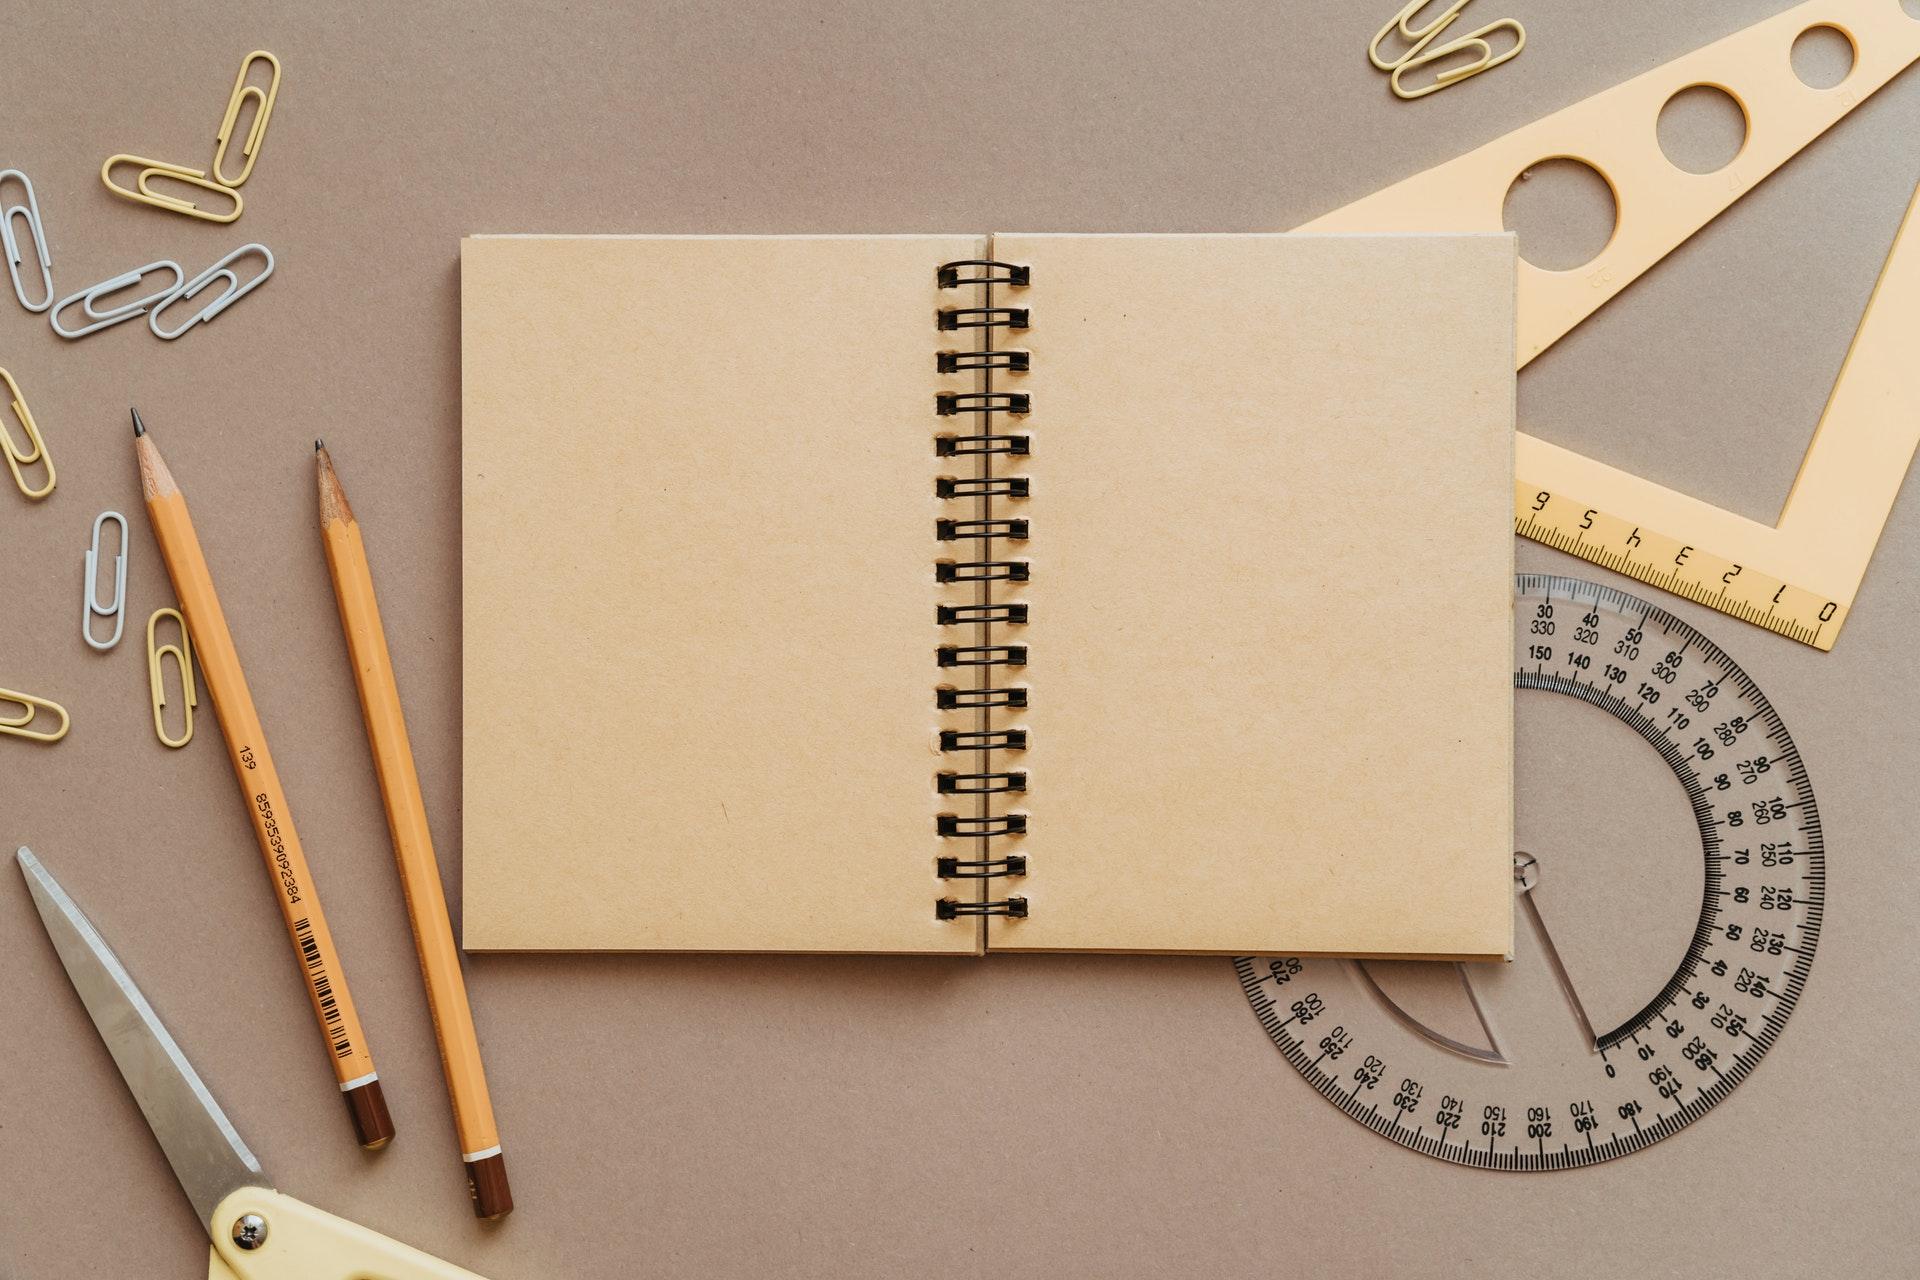 Anschlagwinkel Alternativ Schreibwerkzeug